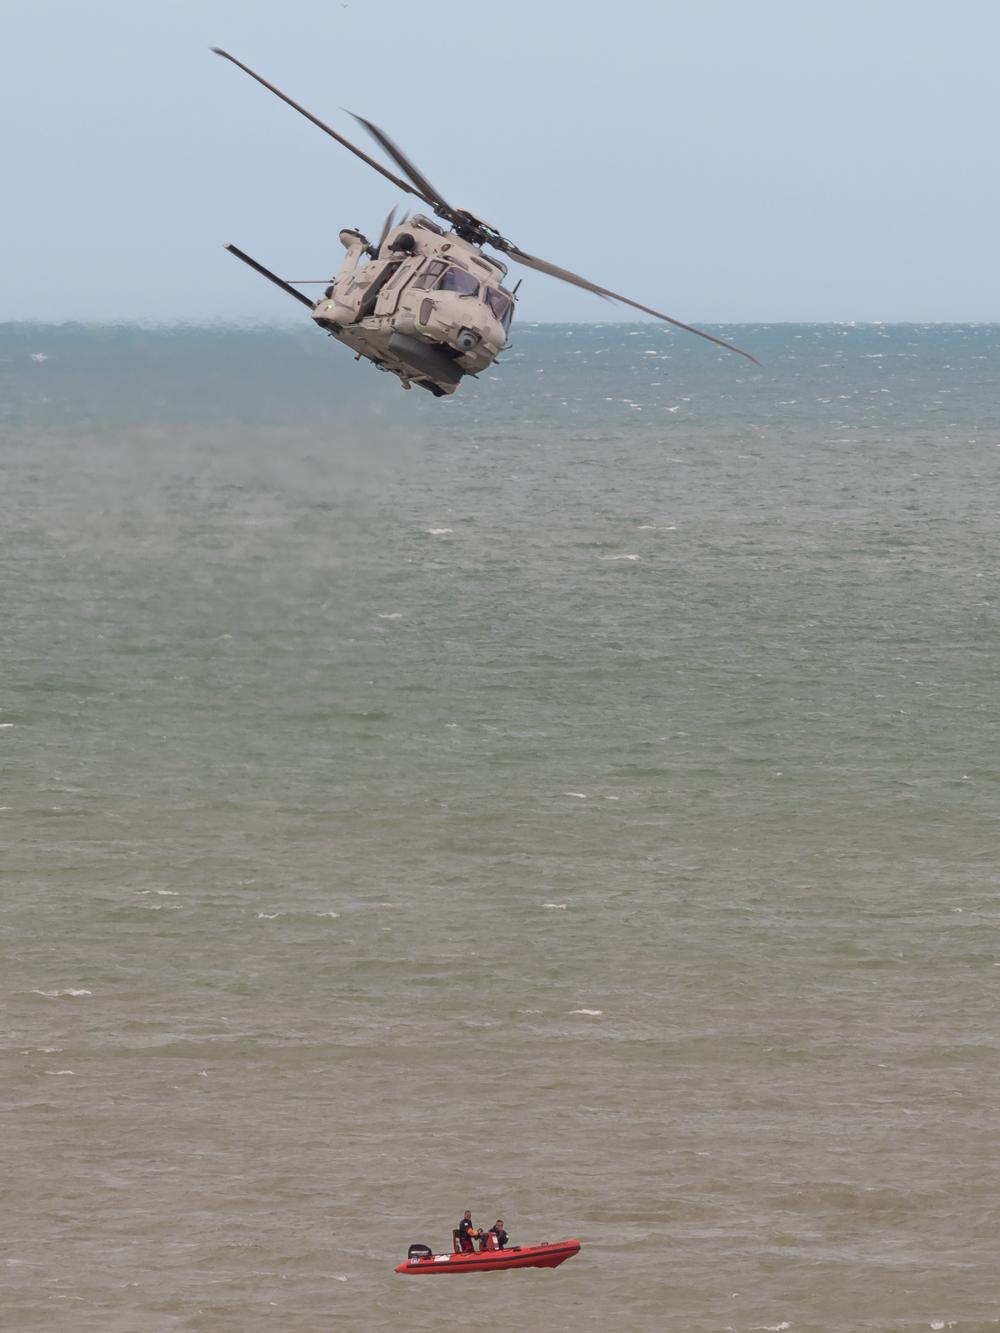 BAF NH-90 RN03